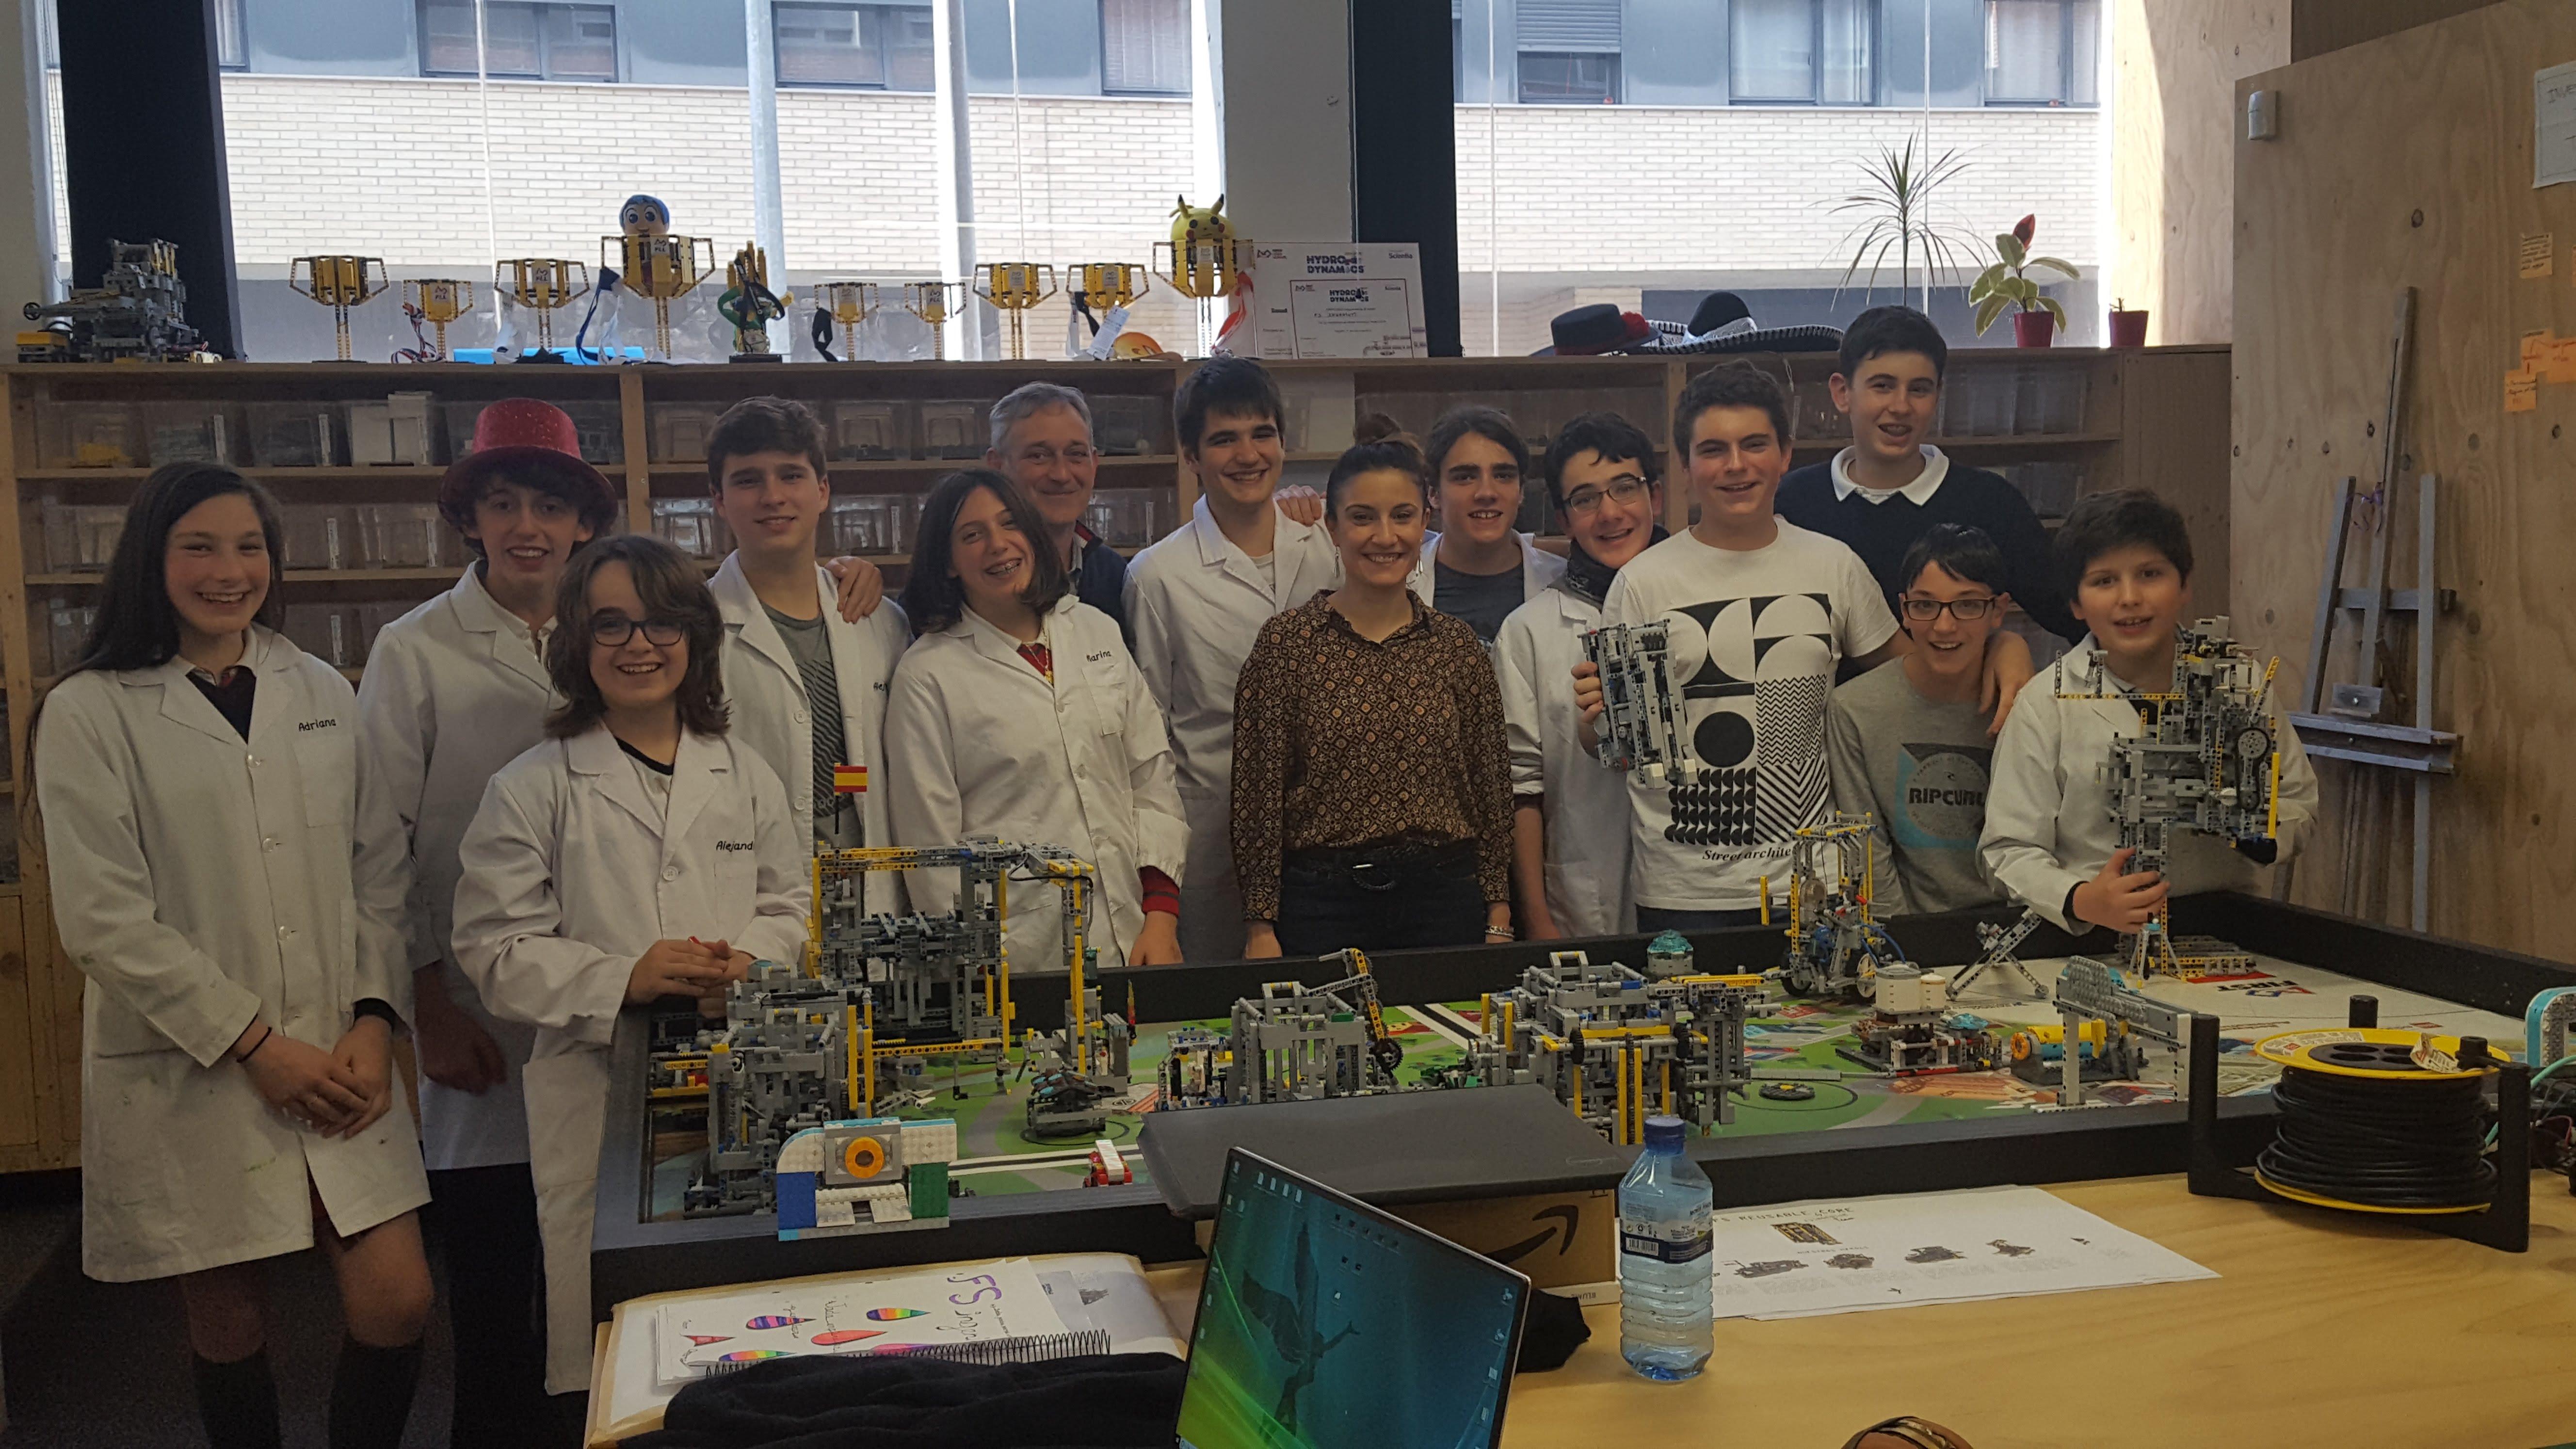 Visita al equipo de FSIngenium Team, campeones de España de la First Lego League